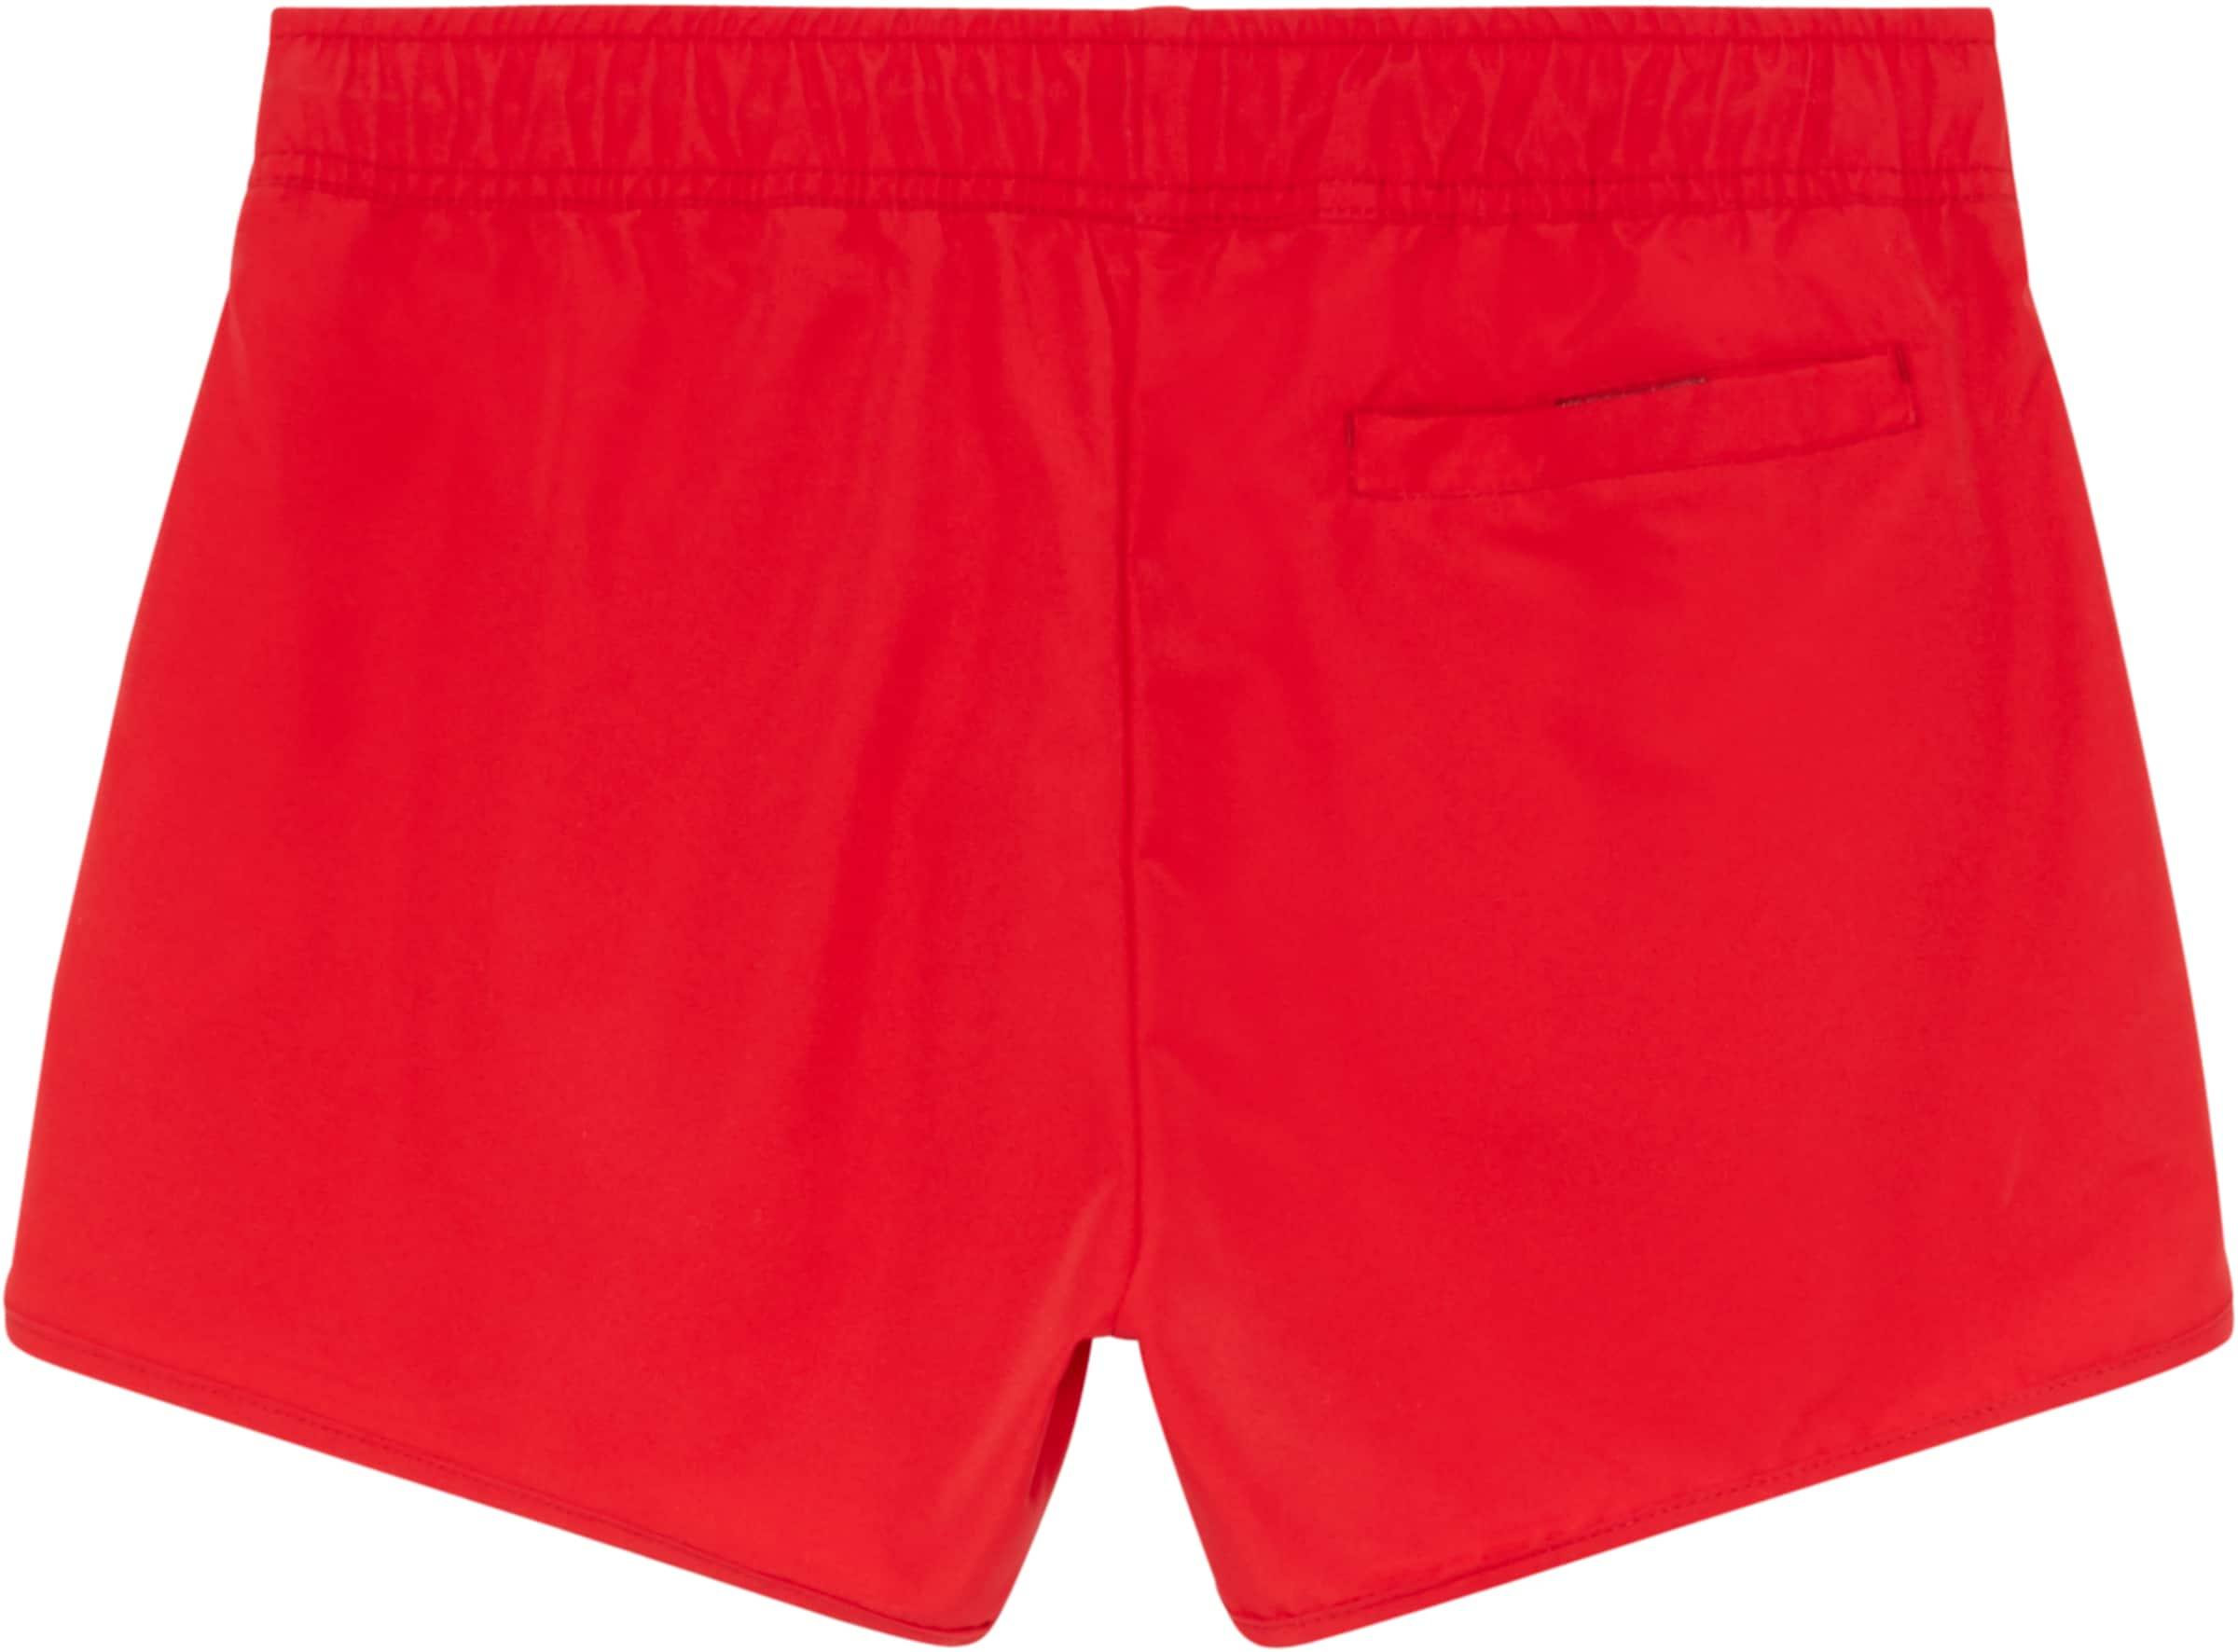 Shorts Rouge 'gosina' En Chiemsee Bain De b7yg6Yfv